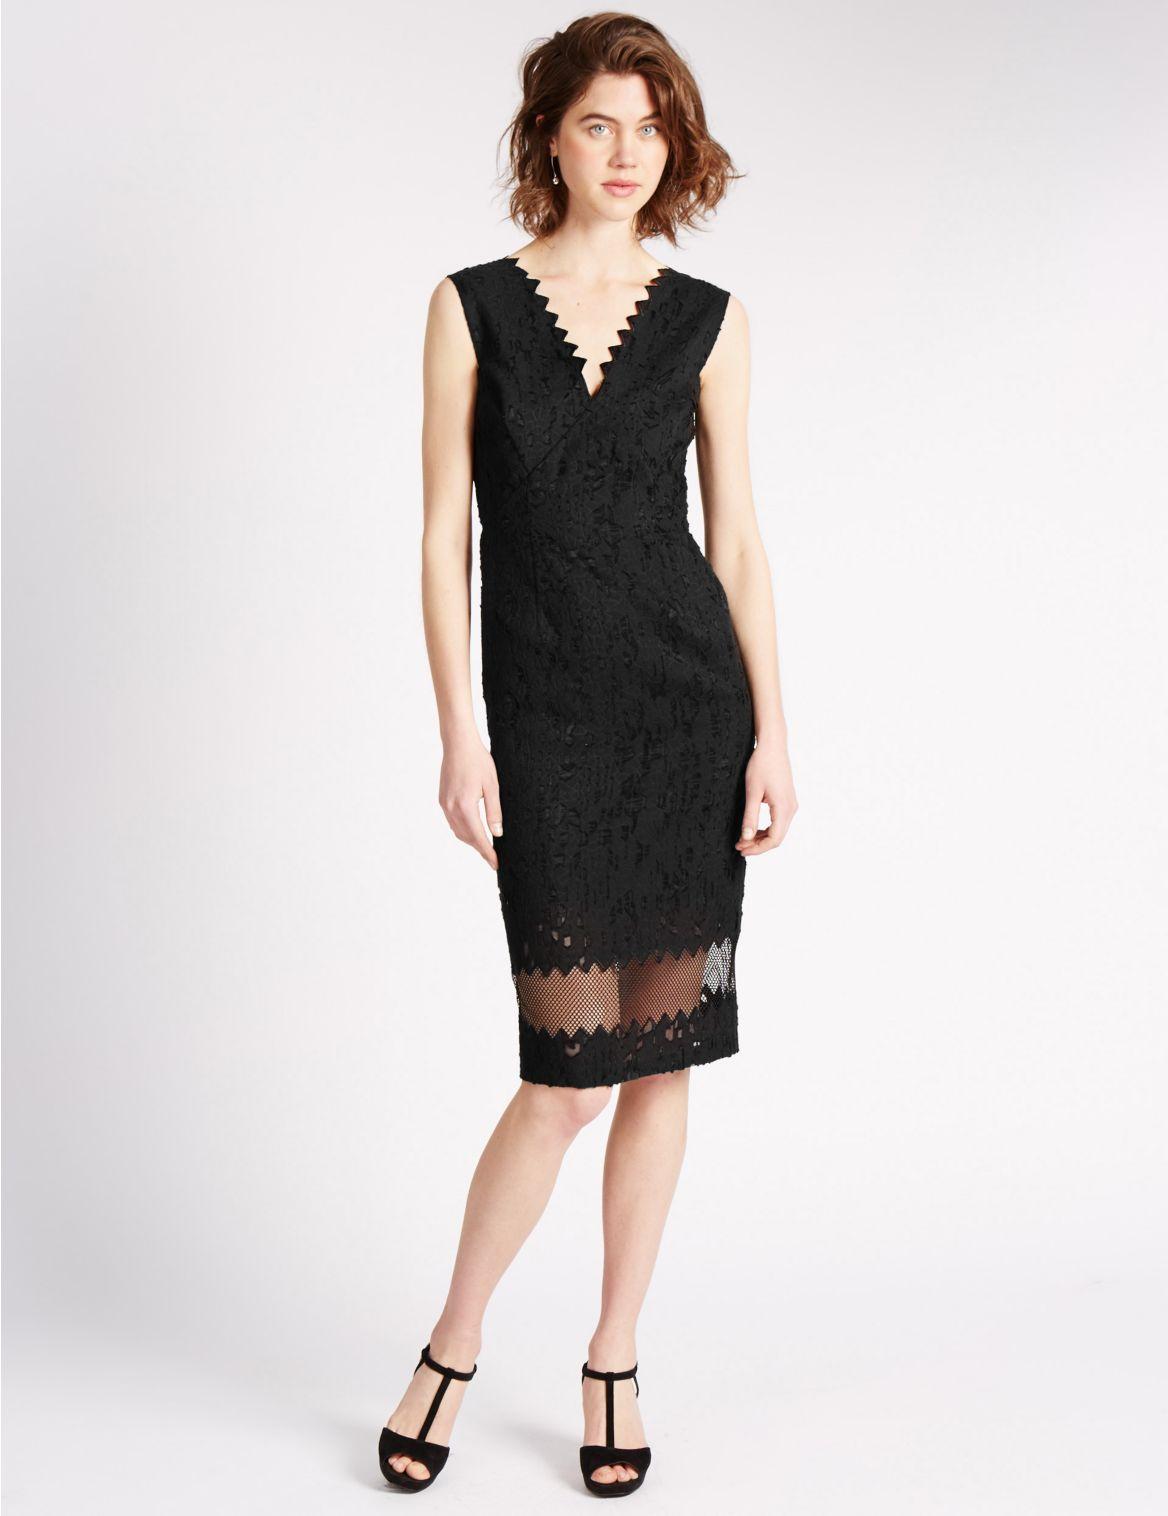 Speziale Katoenrijke rechte jurk